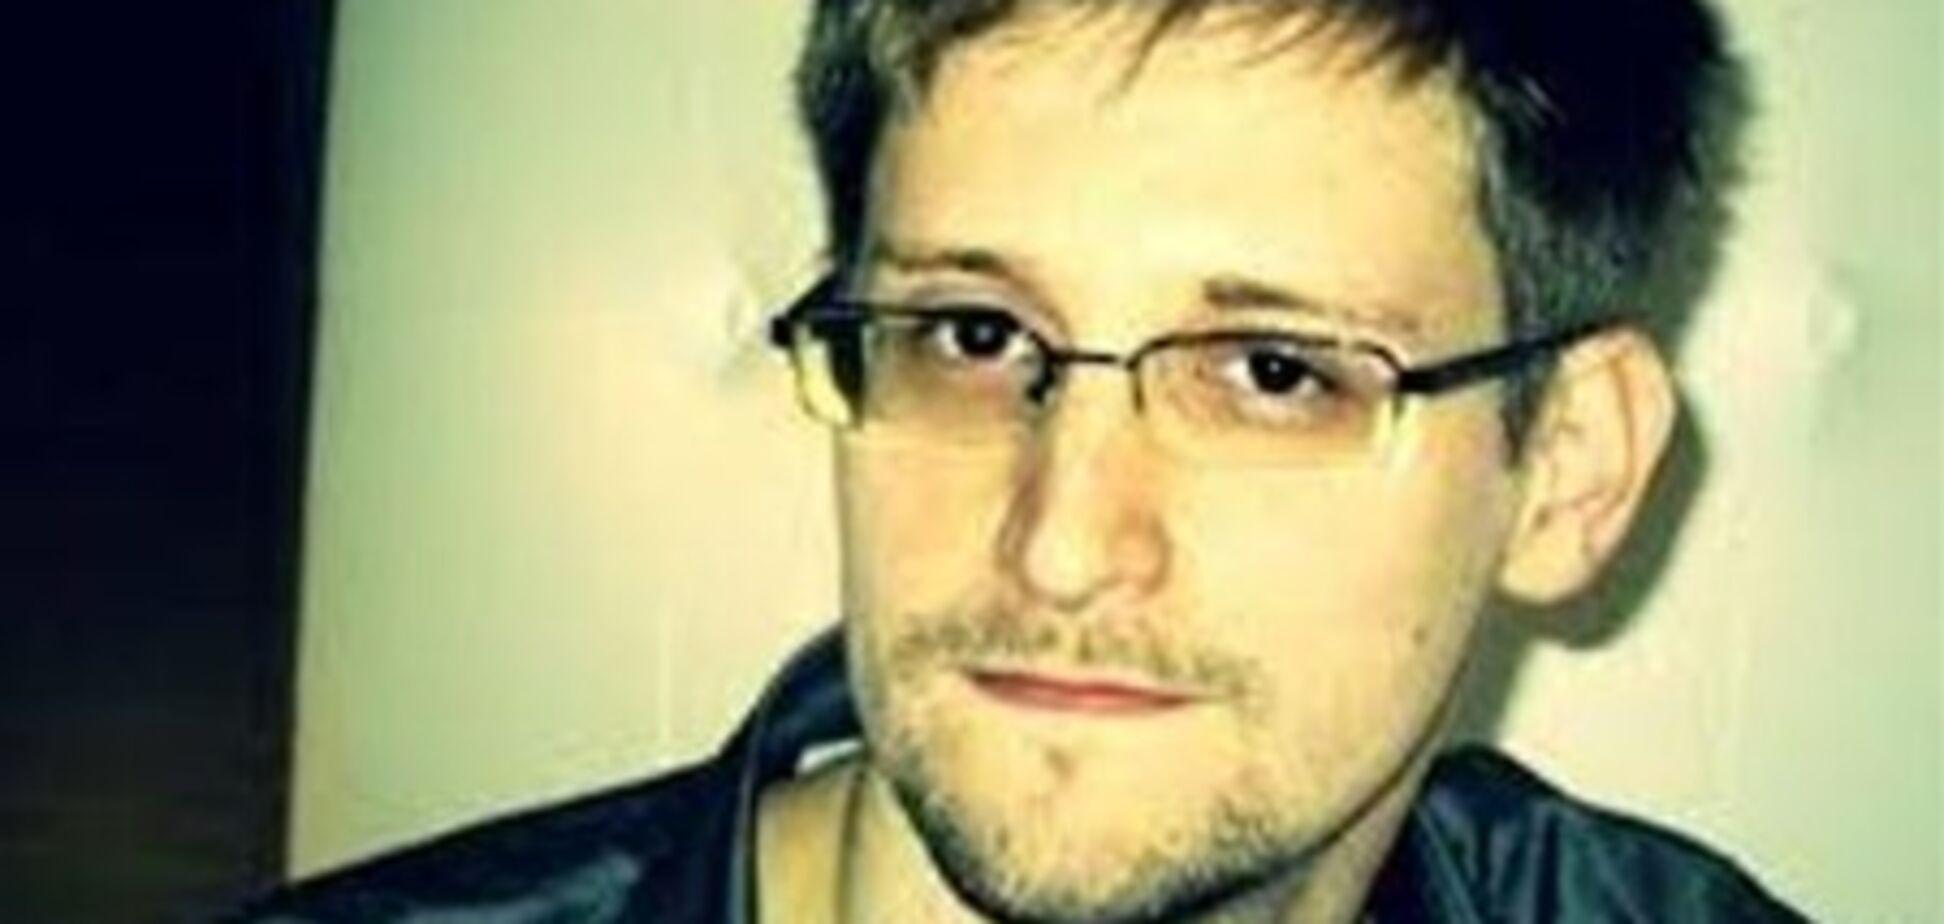 Разоблачитель Сноуден попросил политубежище в Эквадоре